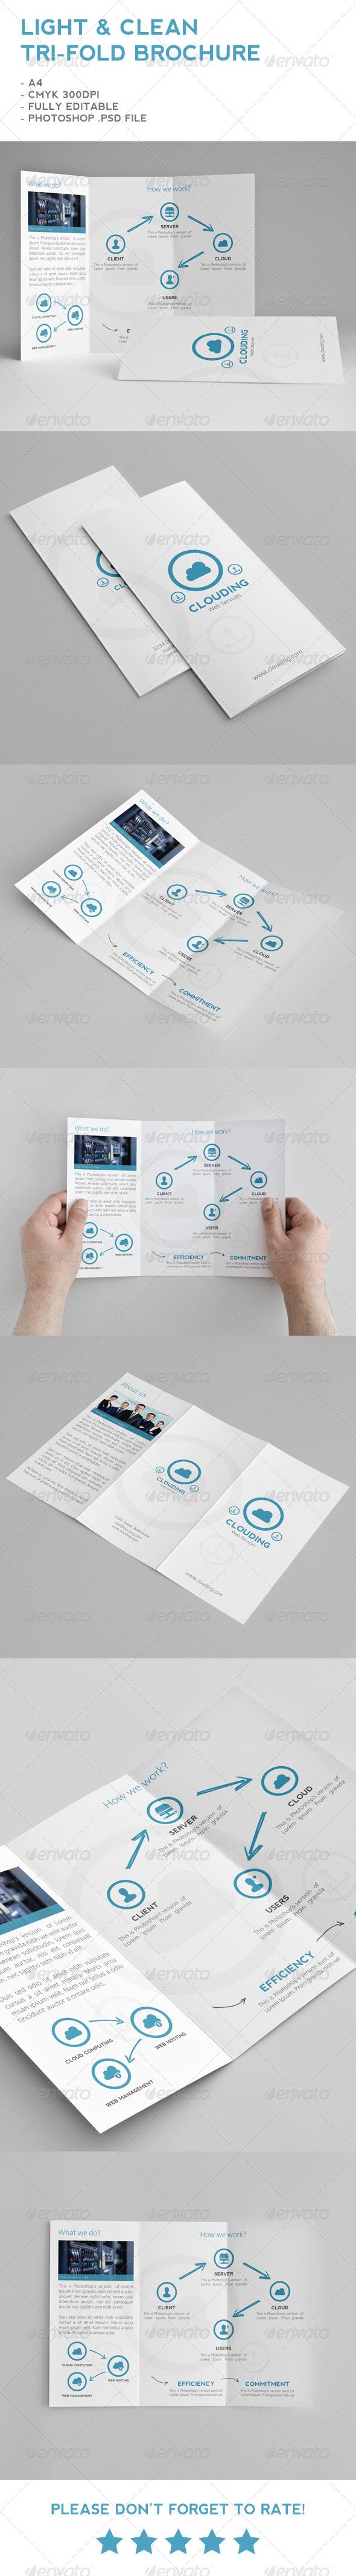 GraphicRiver Light & Clean Tri-Fold Brochure 5430973